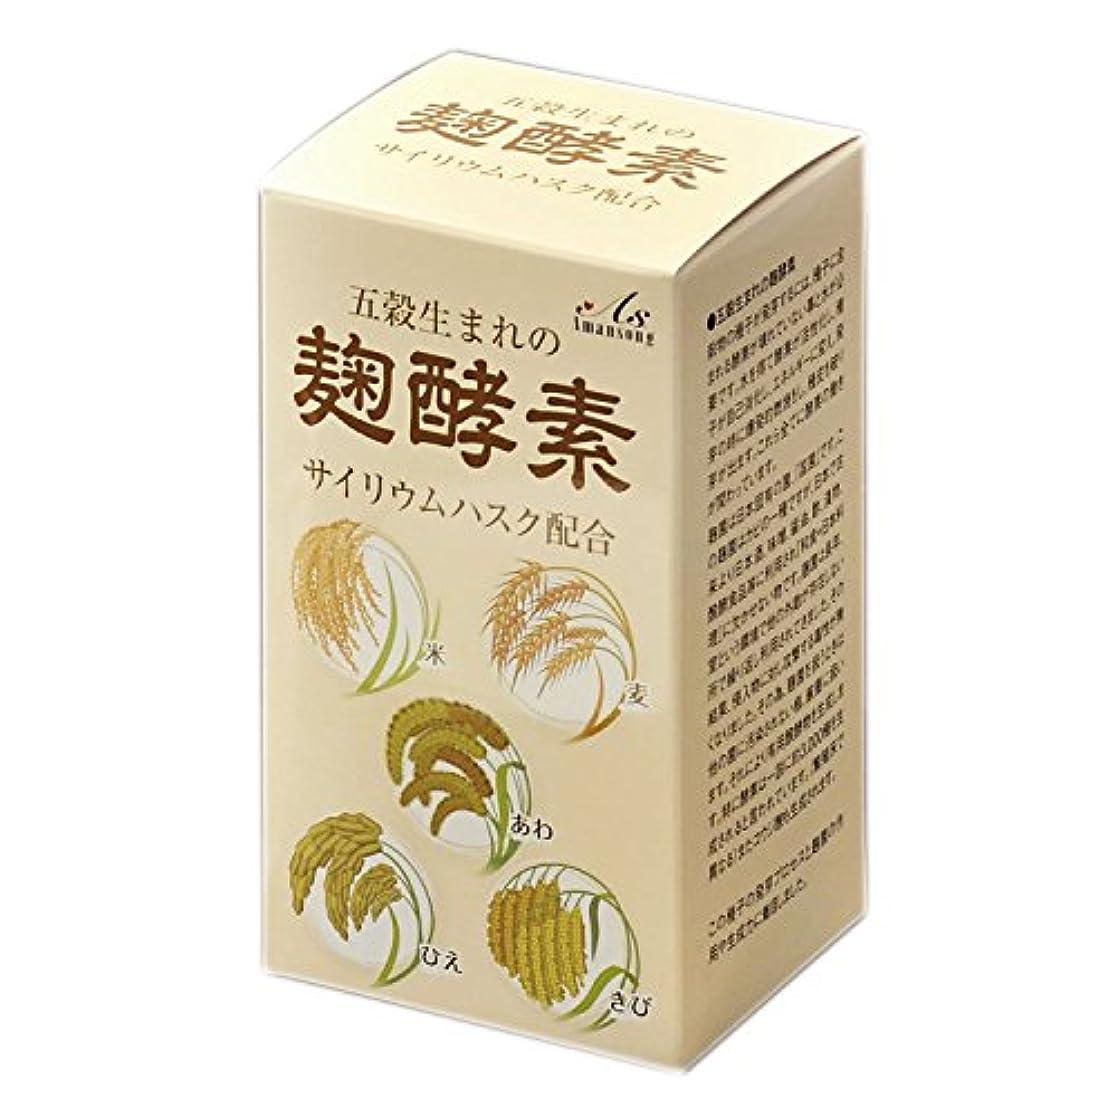 想像力豊かな臭いリスA?S 五穀生まれの麹酵素 ヨーグルト風味で、活きた酵素を手軽に摂取 30包入り